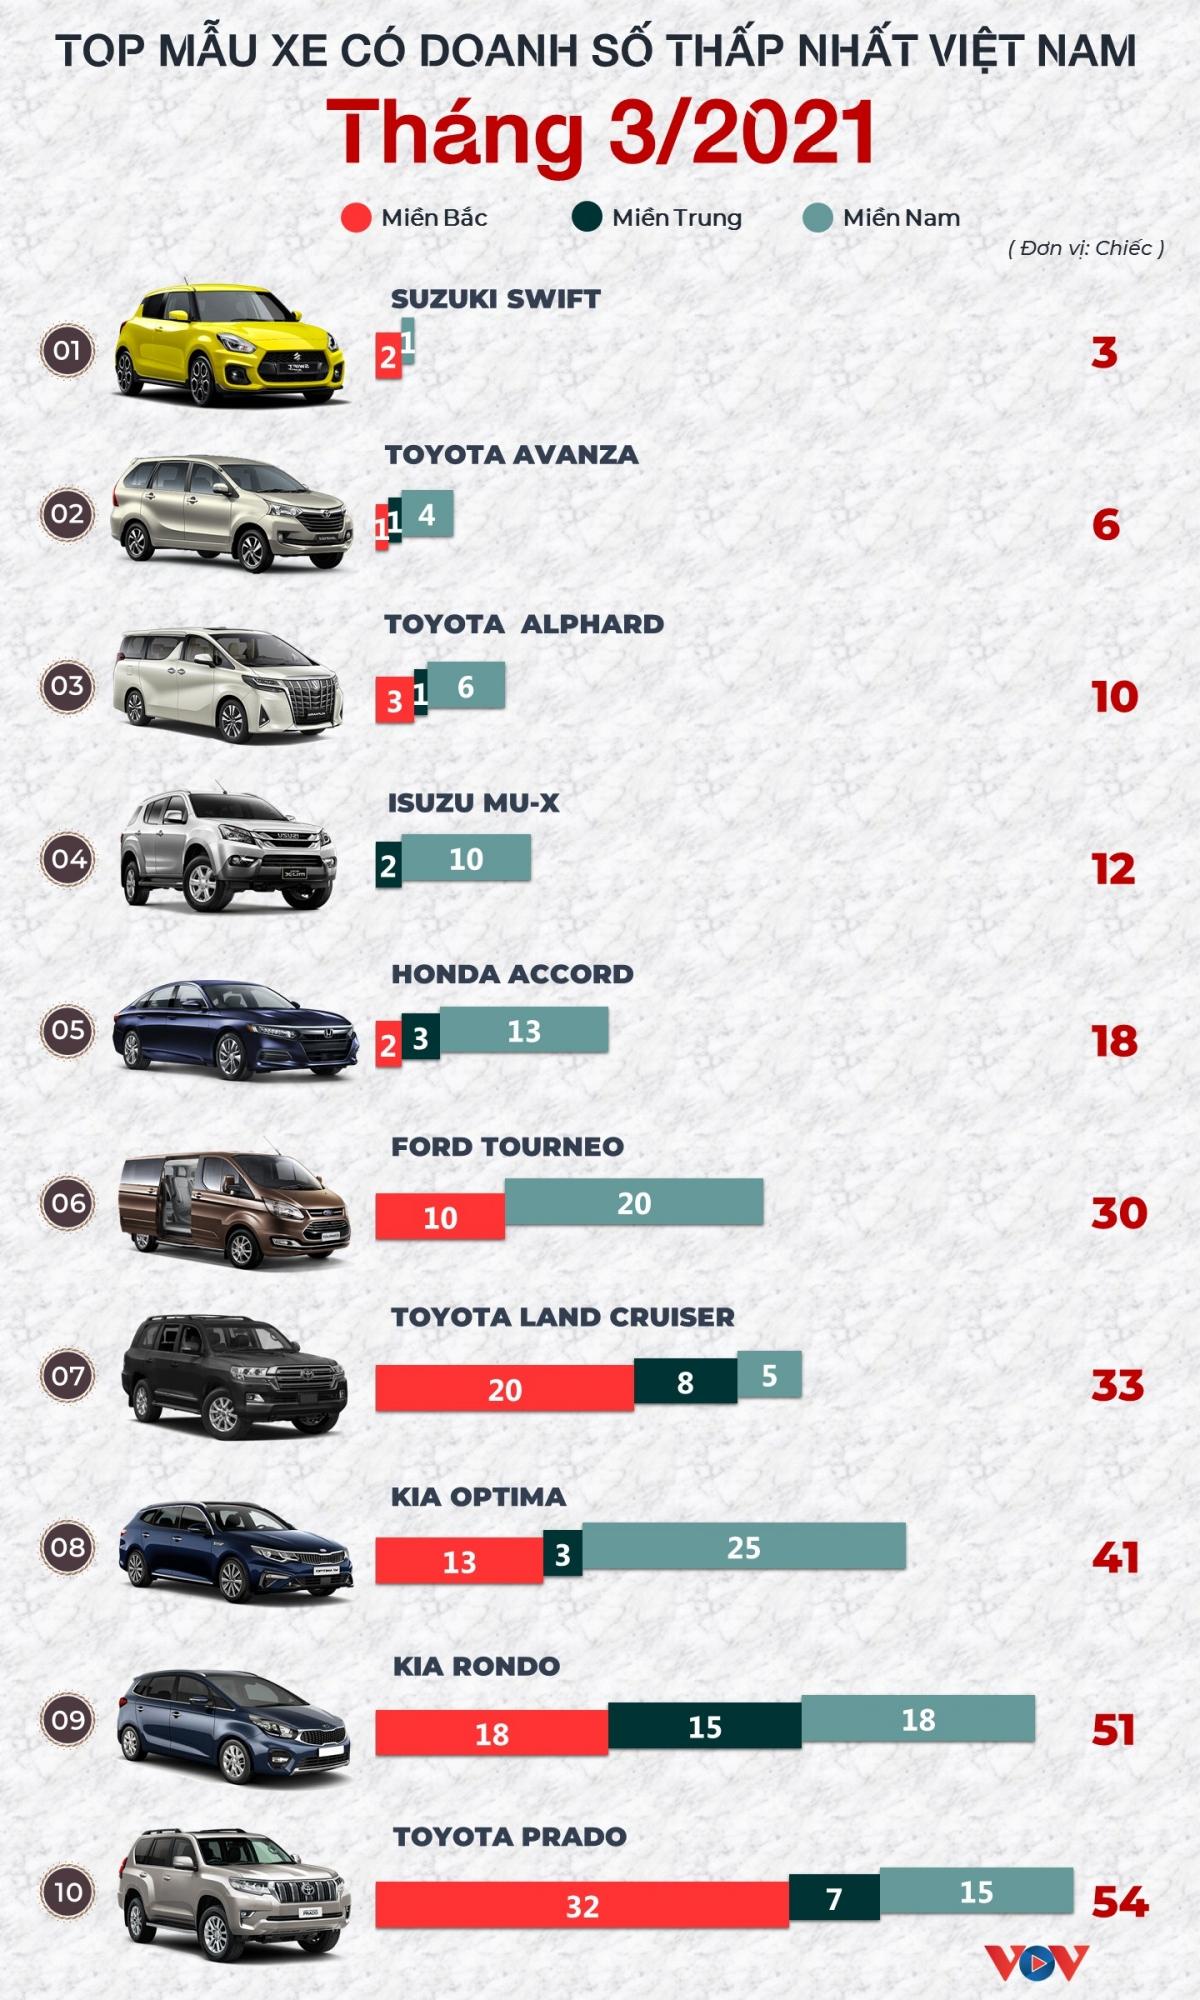 ** Danh sách này được lập dựa trên số liệu công bố của VAMA (Hiệp hội các nhà sản xuất ô tô Việt Nam) và TC Motor, VinFast hàng tháng./.